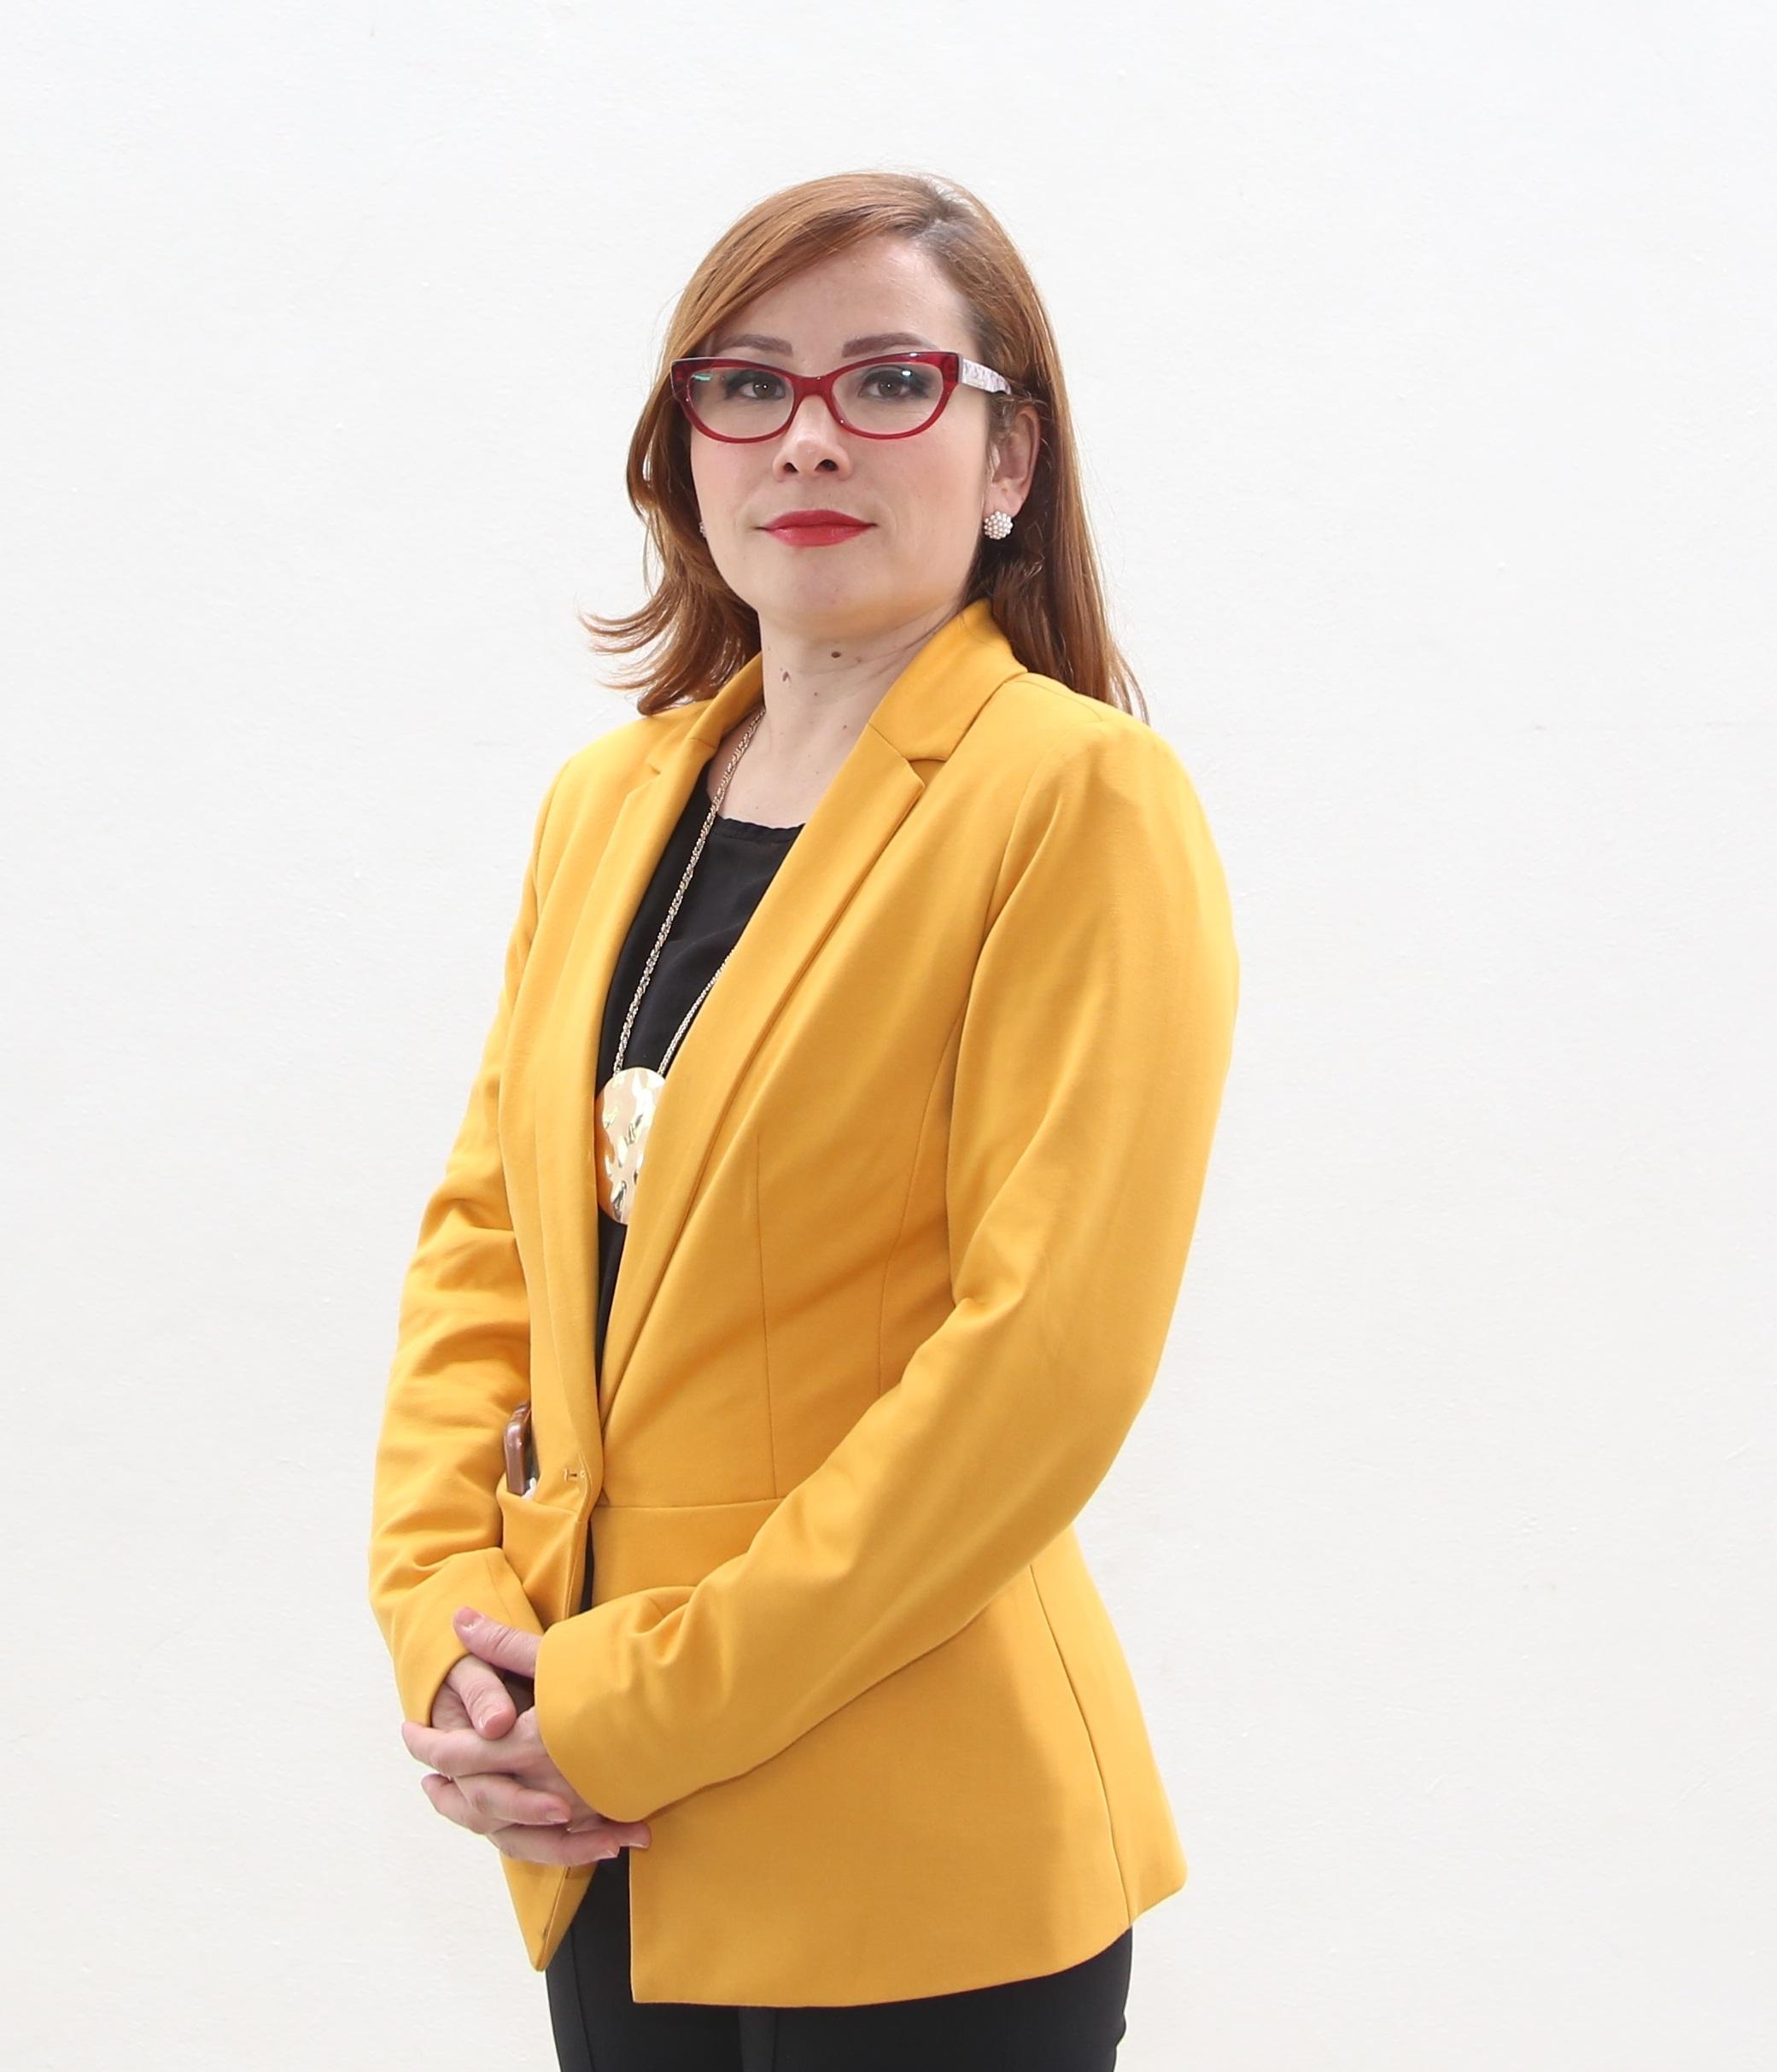 Sarah Patricia Cerna Villagra obtuvo la Beca para Mujeres en las Humanidades y las Ciencias Sociales 2019.